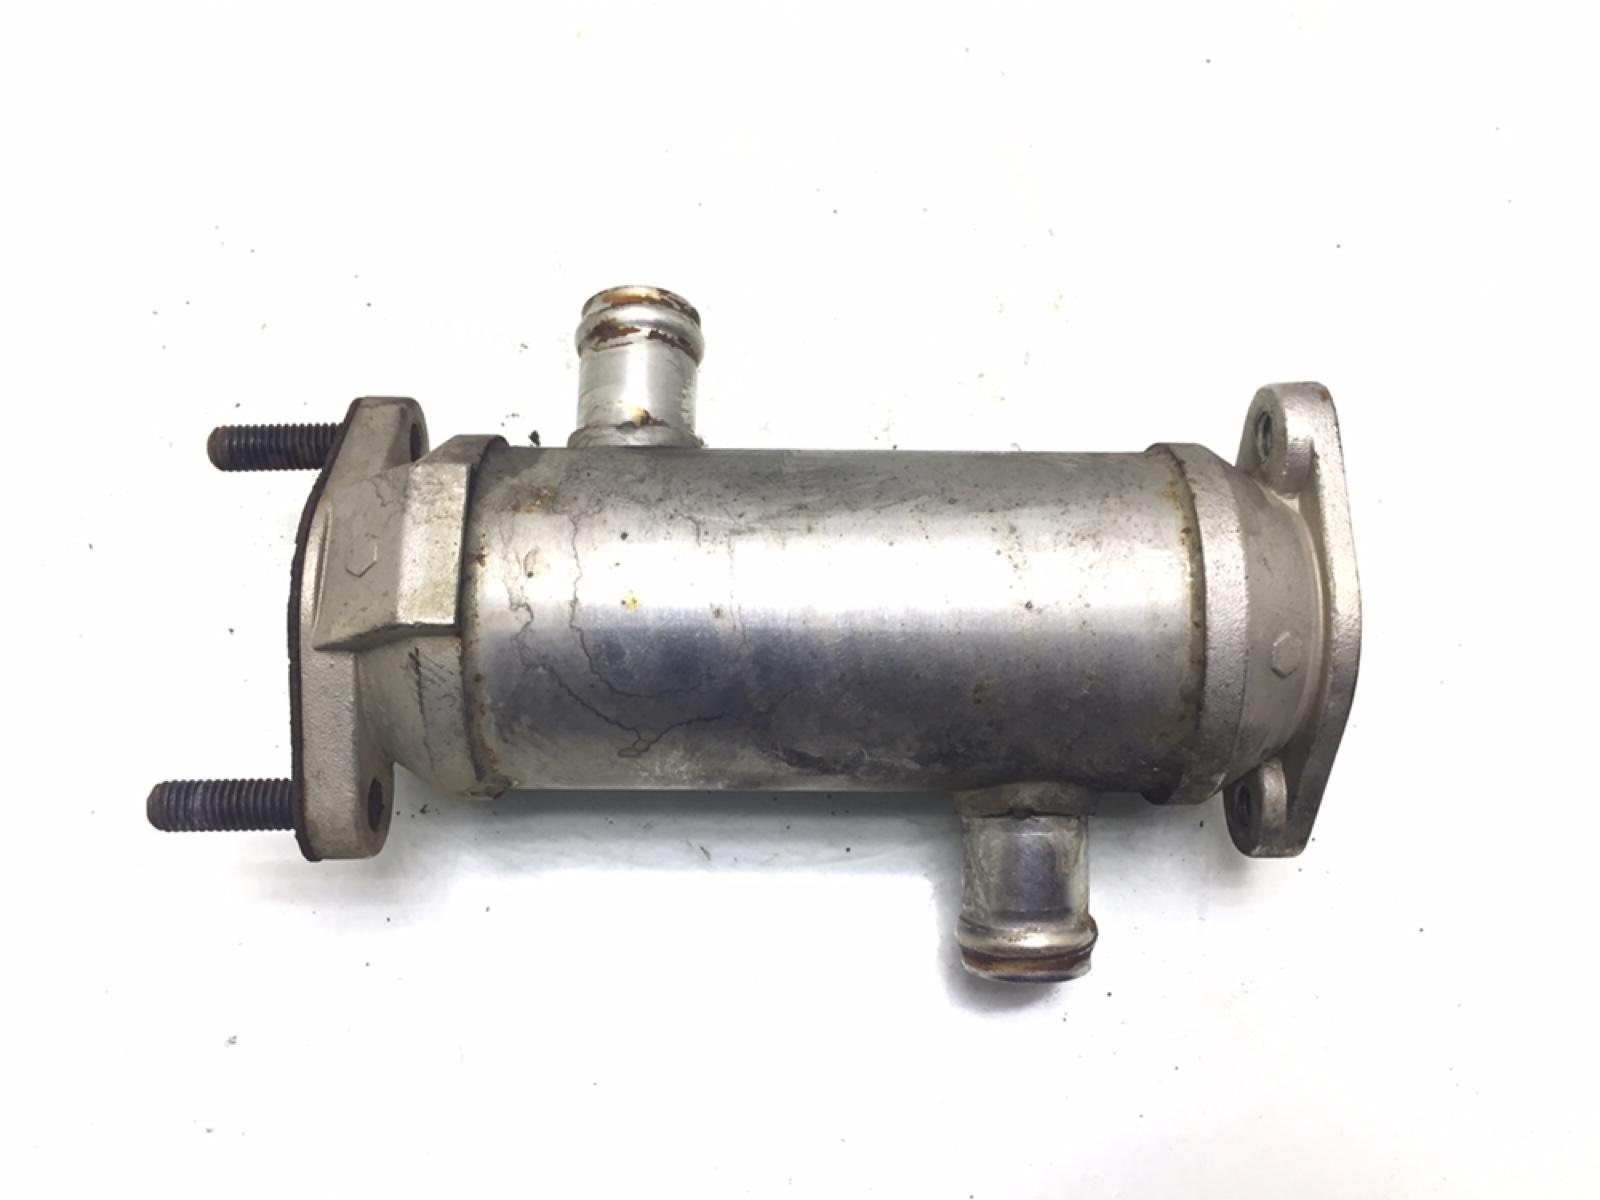 Радиатор egr Kia Sedona 2.9 CRDI 2004 (б/у)